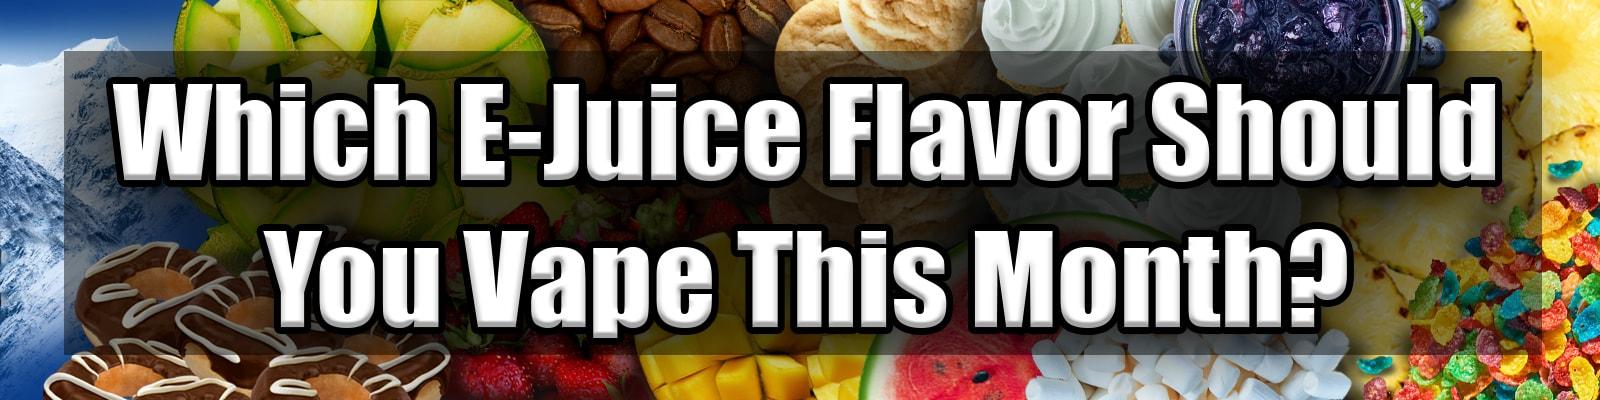 CBD E-Juice Flavor Each Month